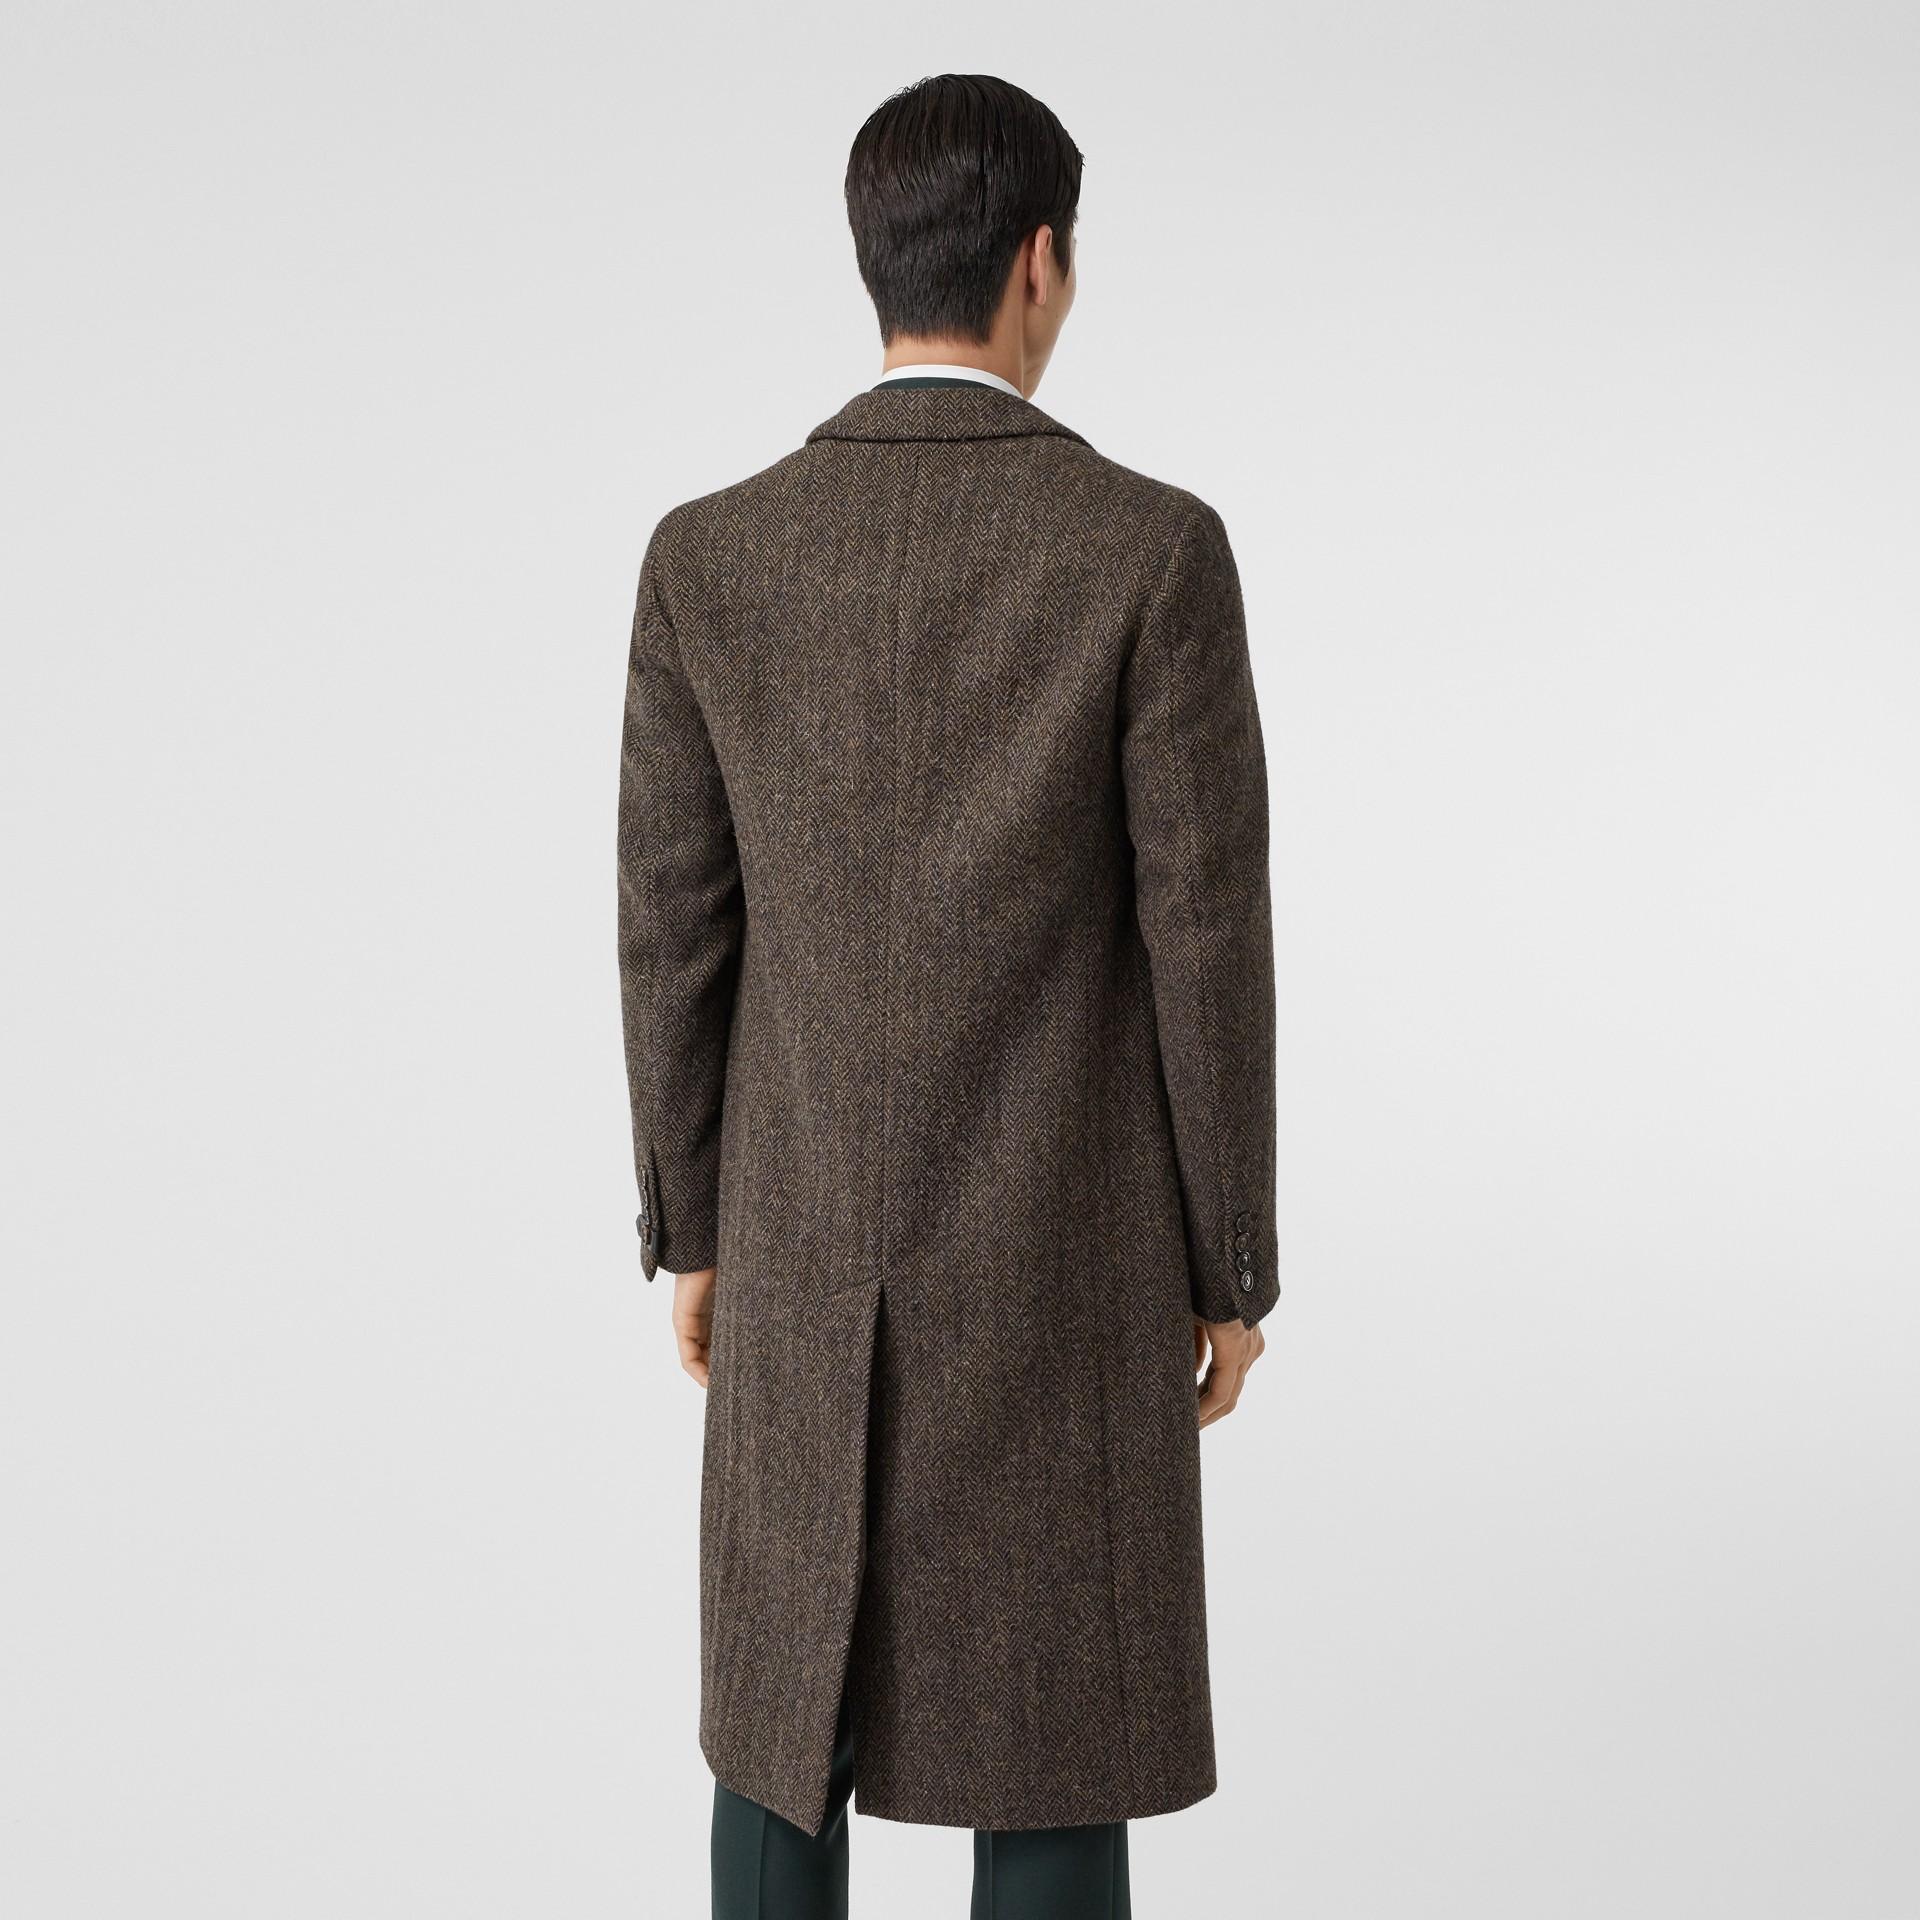 Herringbone Wool Tweed Coat in Brown - Men | Burberry Canada - gallery image 2